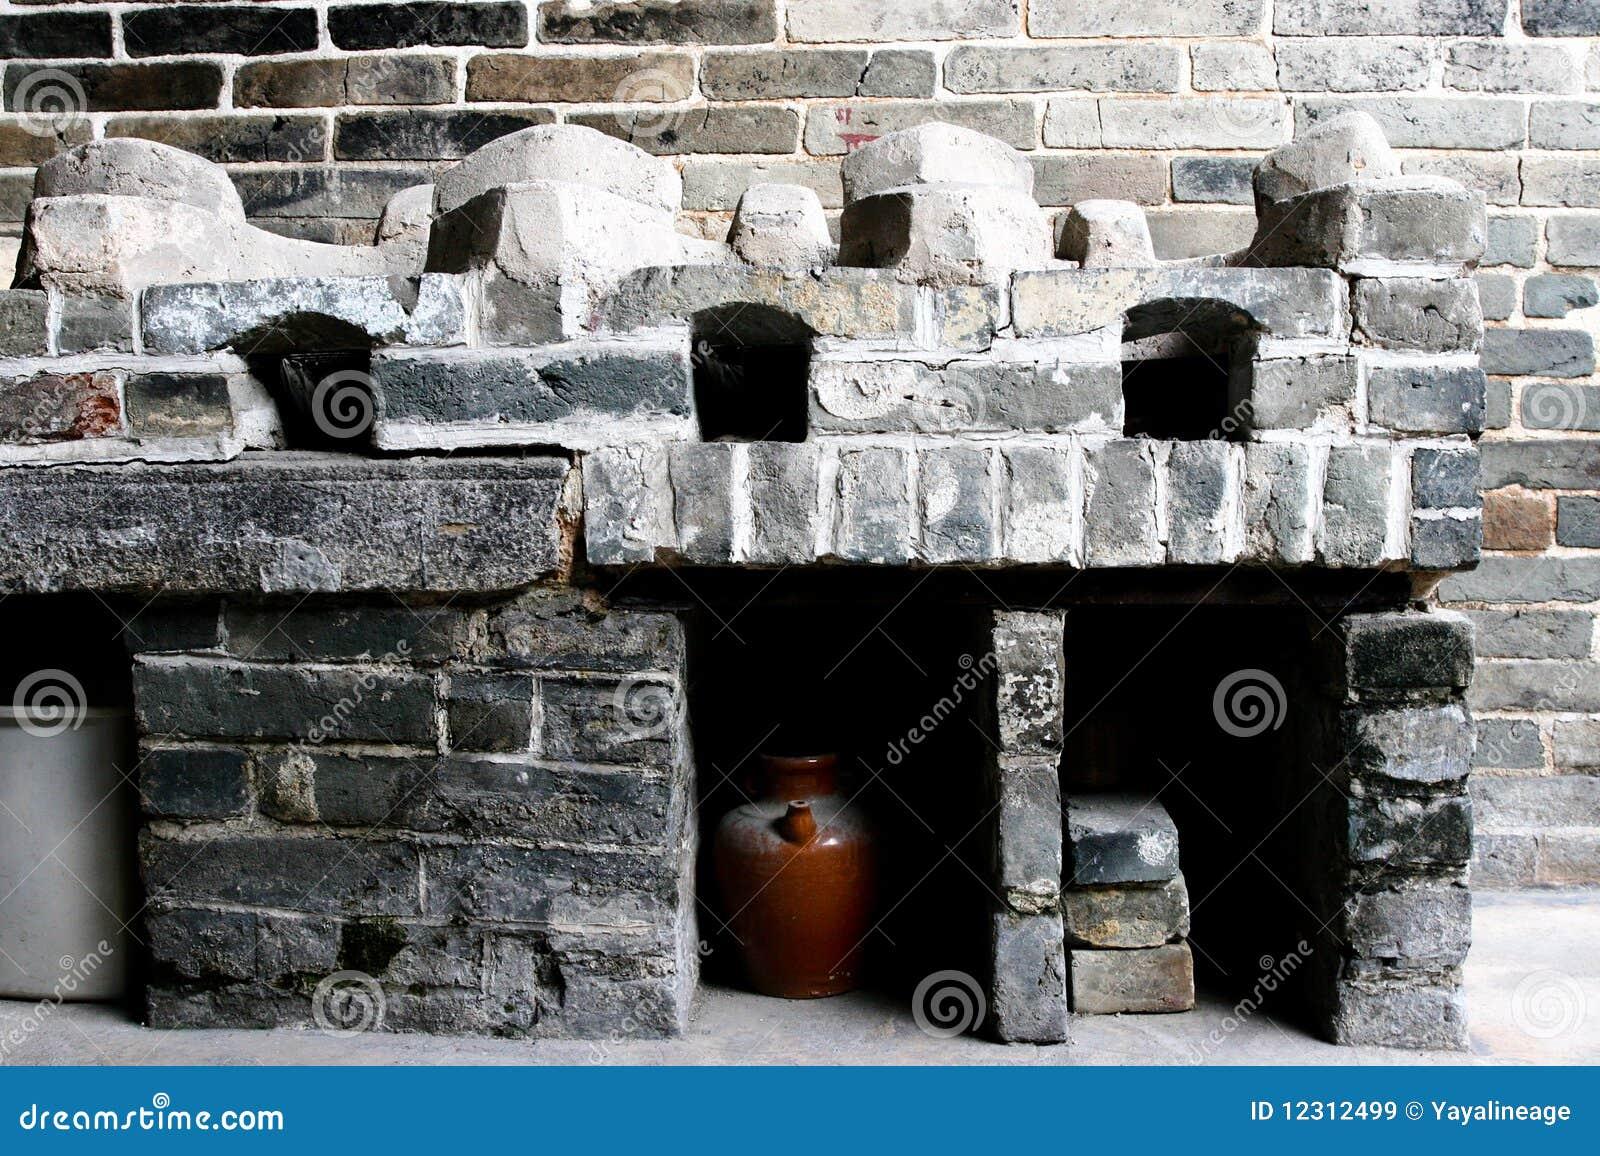 Cocina china vieja imagen de archivo. Imagen de conservador - 12312499